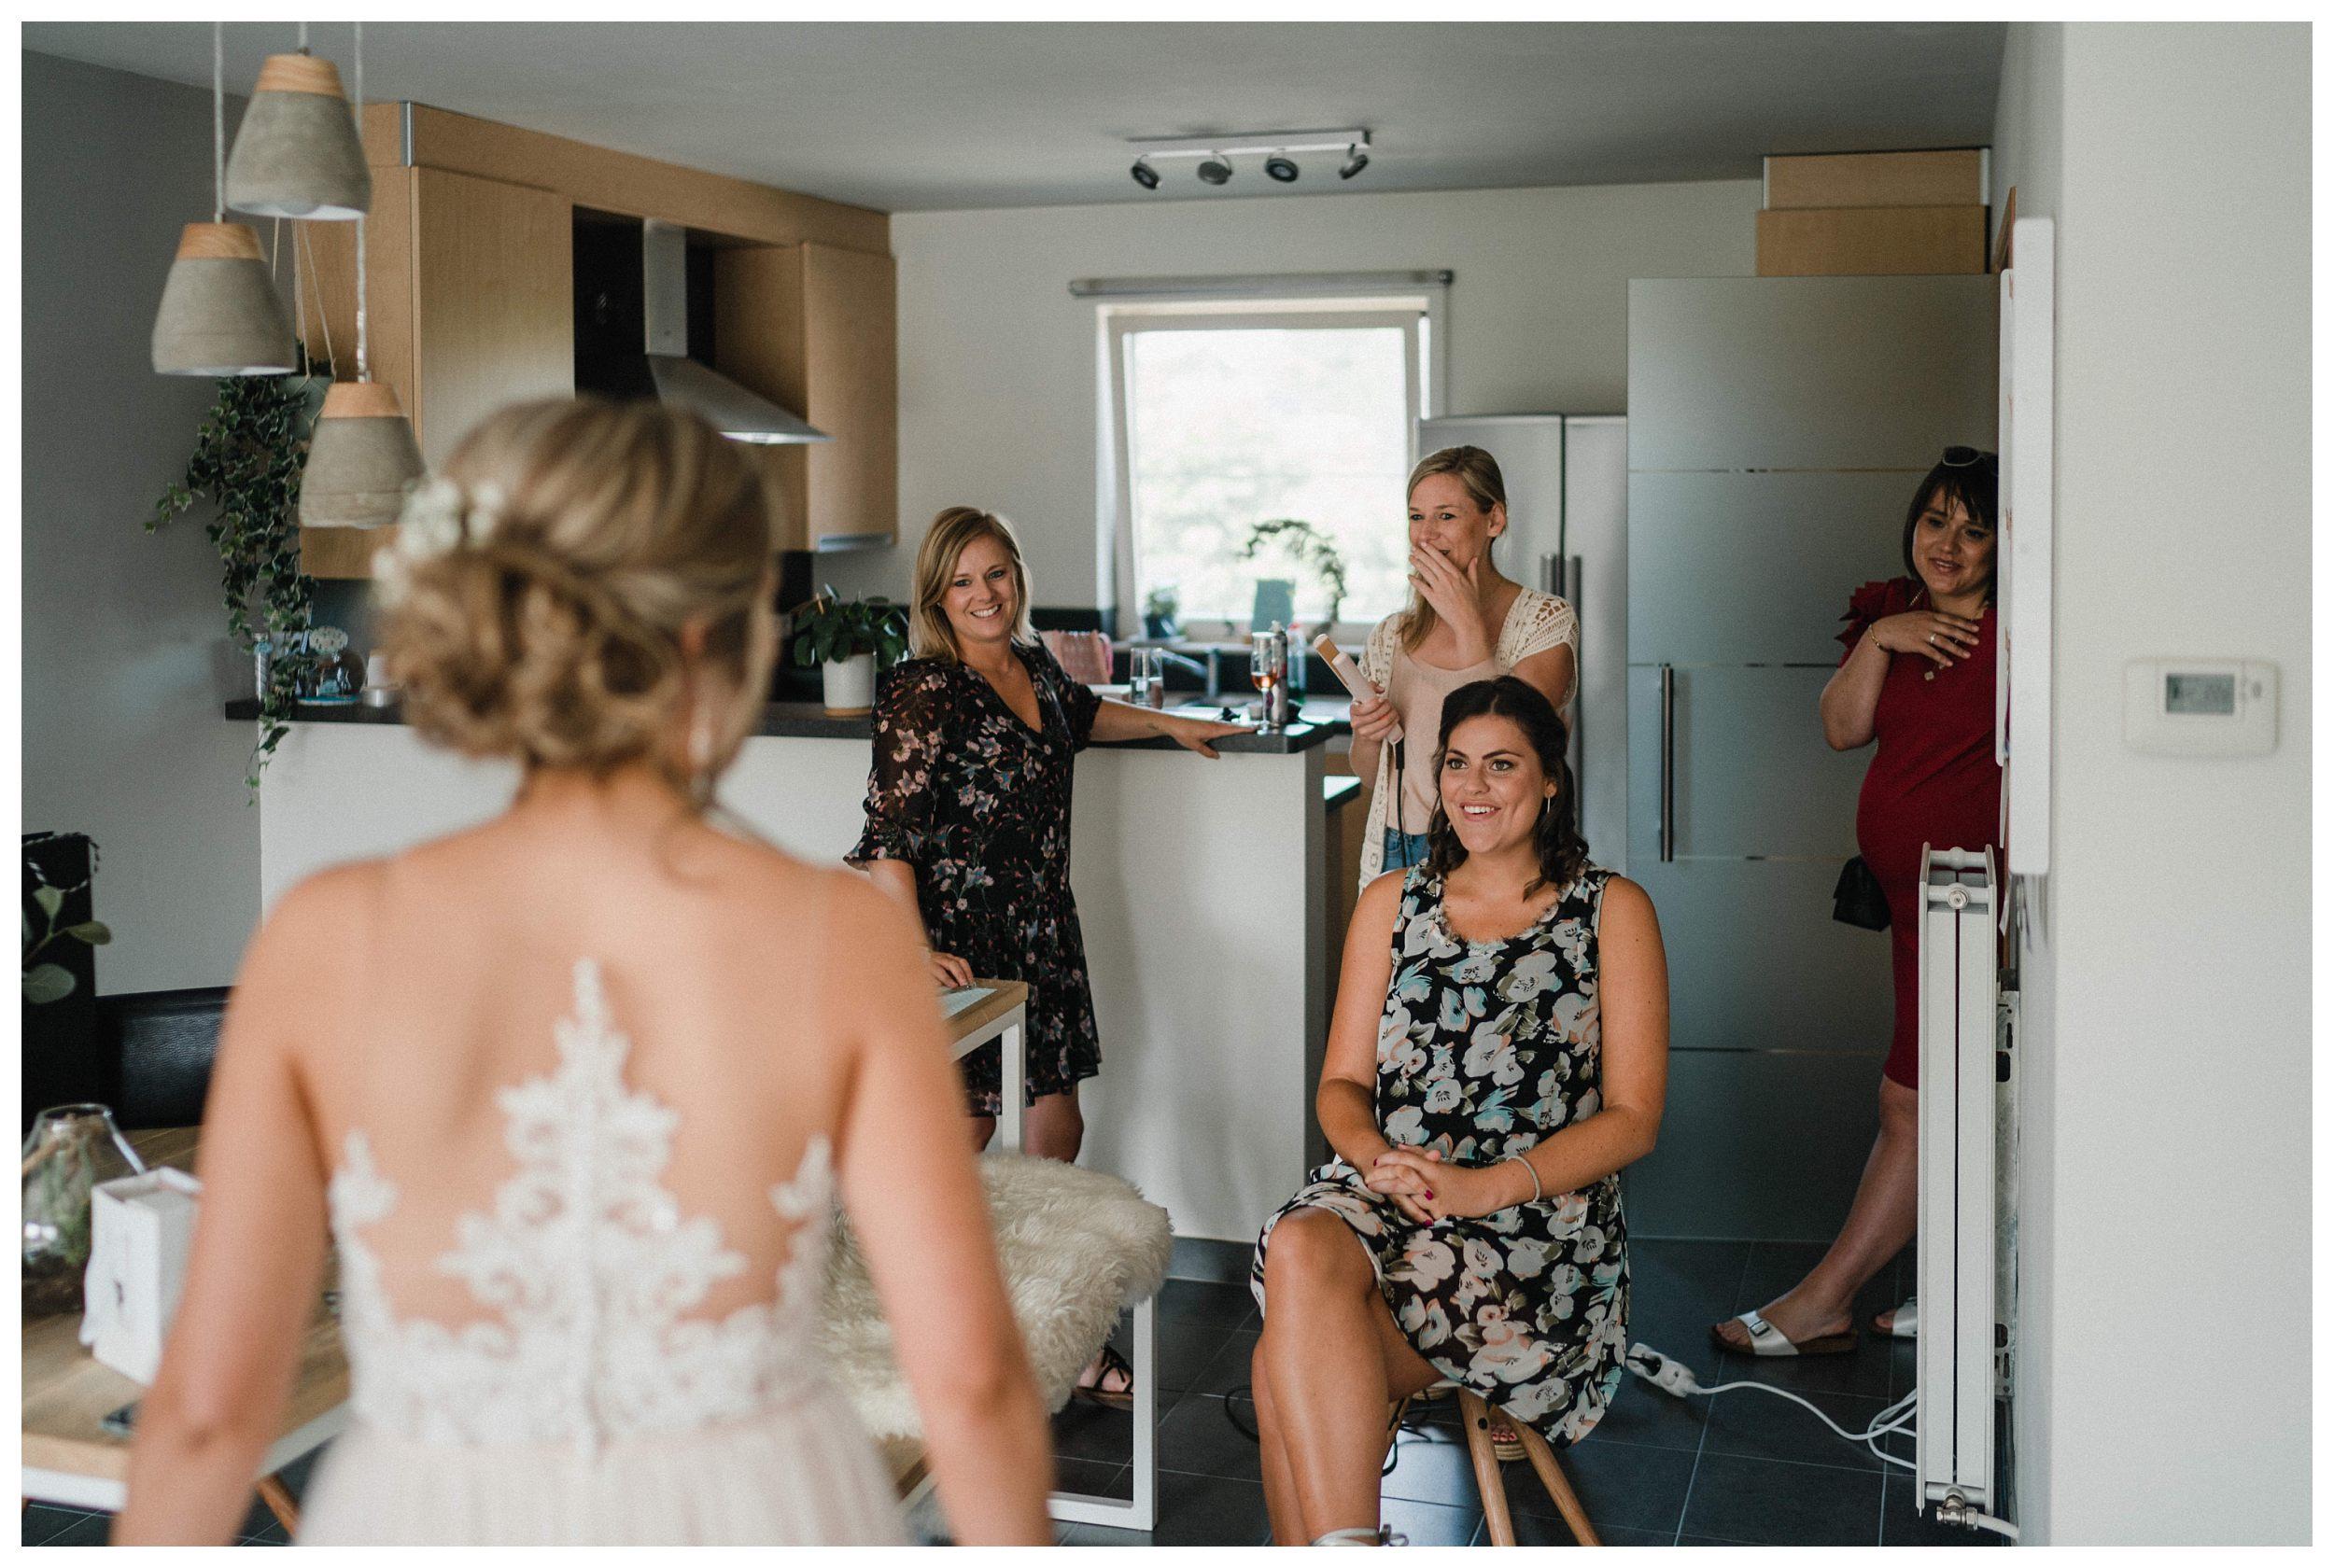 huwelijksfotograaf bruidsfotograaf destinationwedding huwelijksfotografie in mol oostham (8).jpg